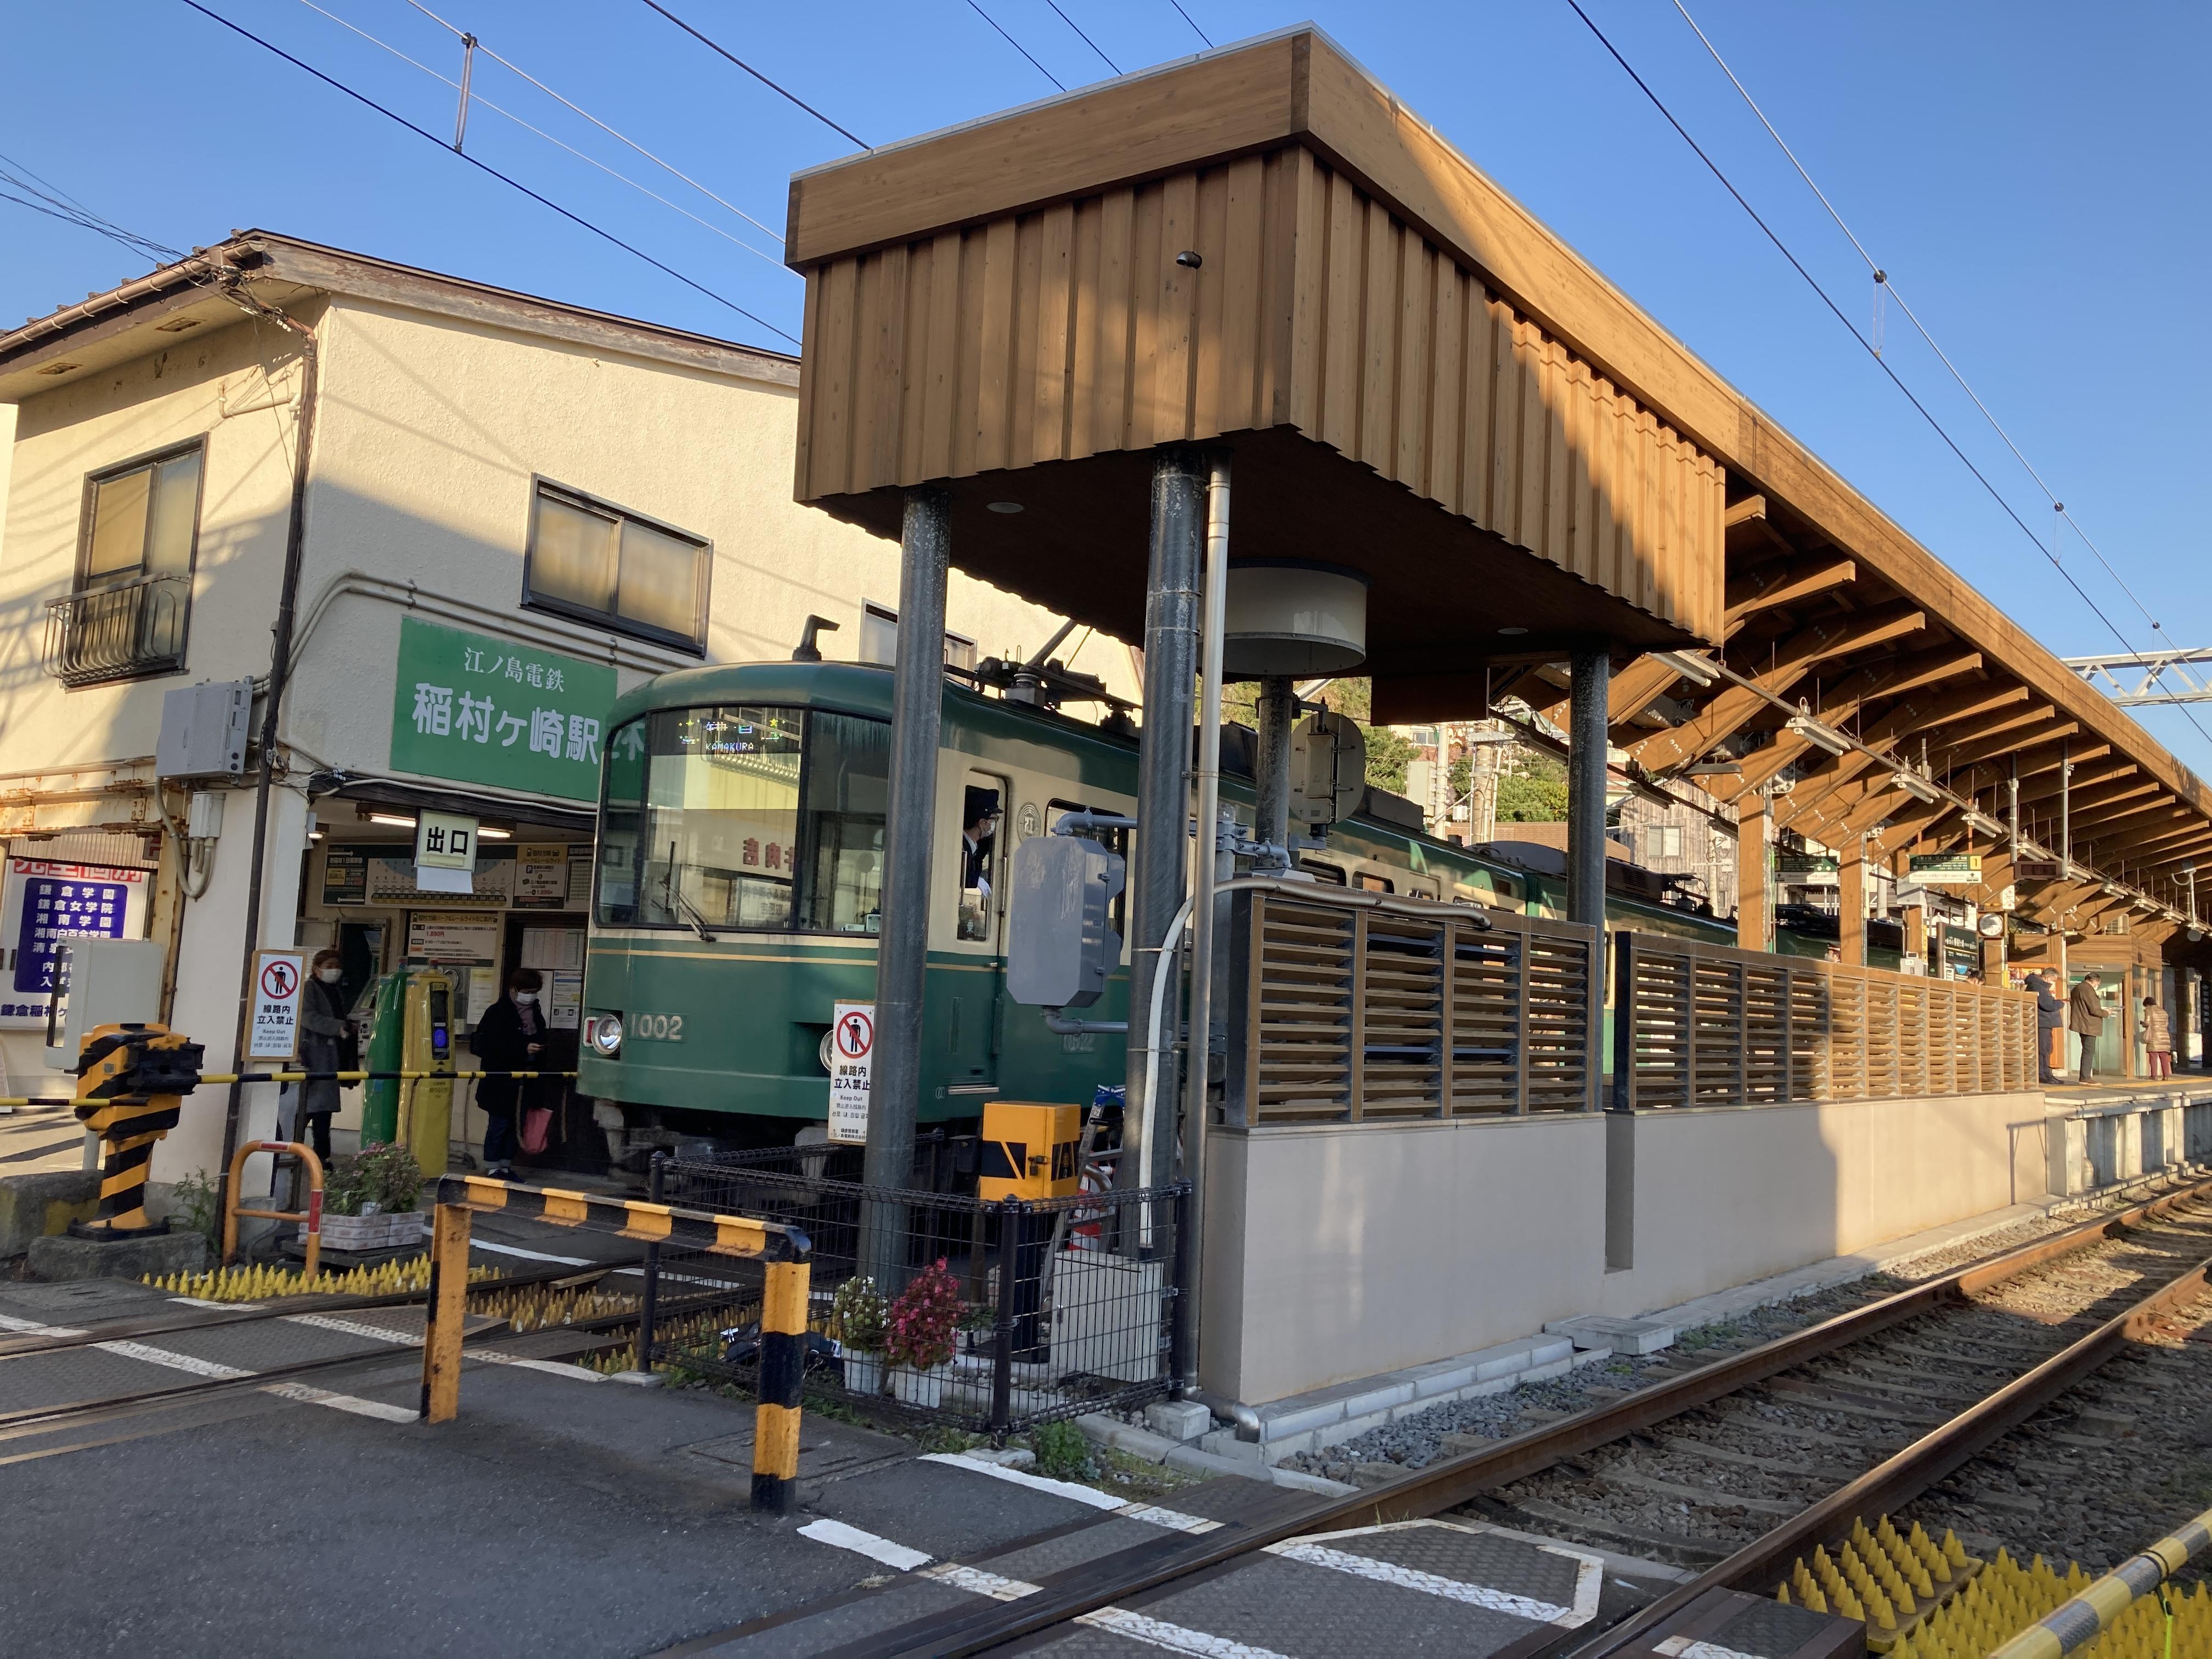 最寄の江ノ電「稲村ヶ崎」駅。ここまで徒歩約9分。